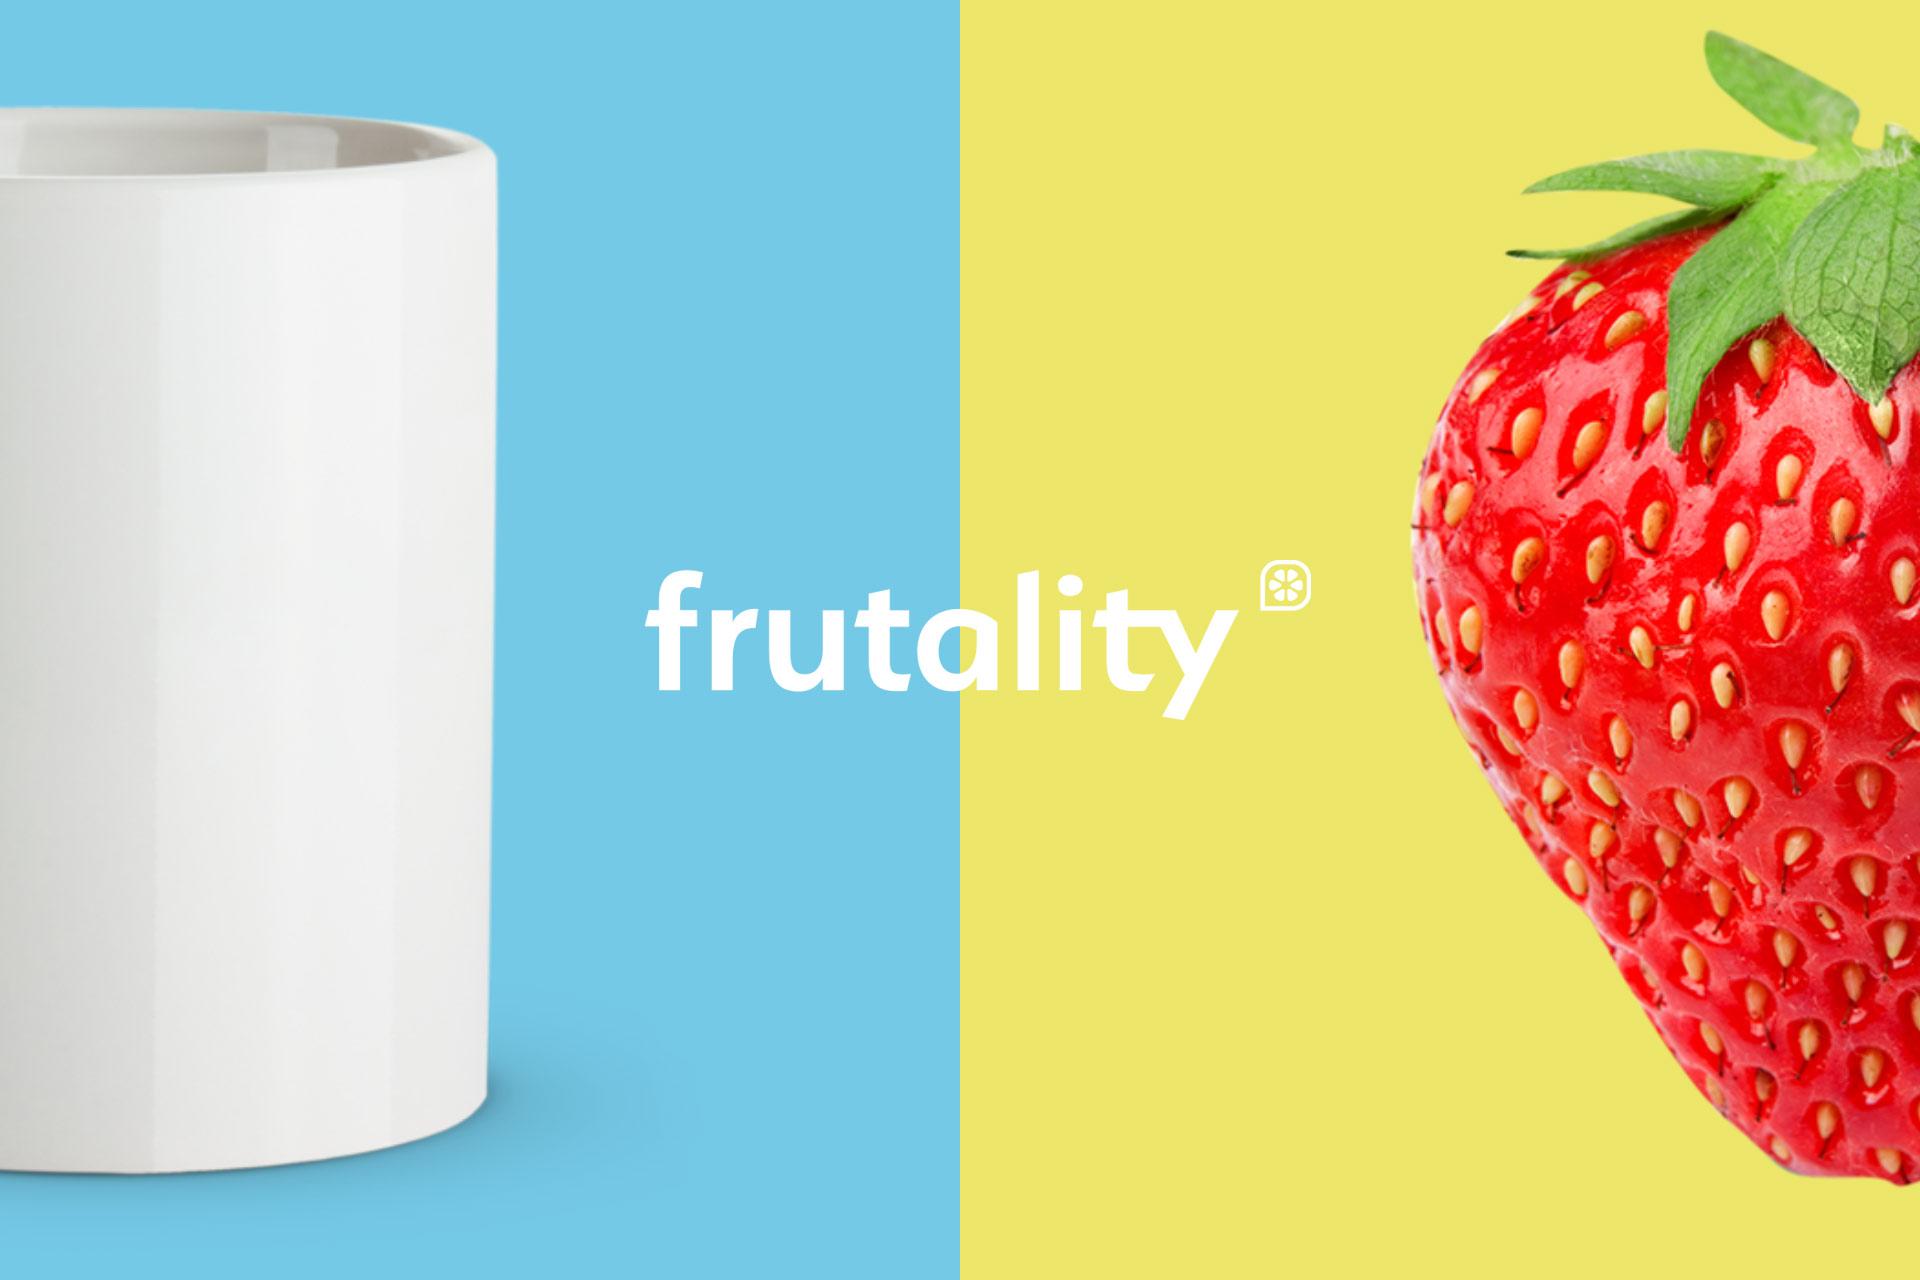 Agencia de publicidad waka: trabajo de branding y diseño web para Frutality, 2019.